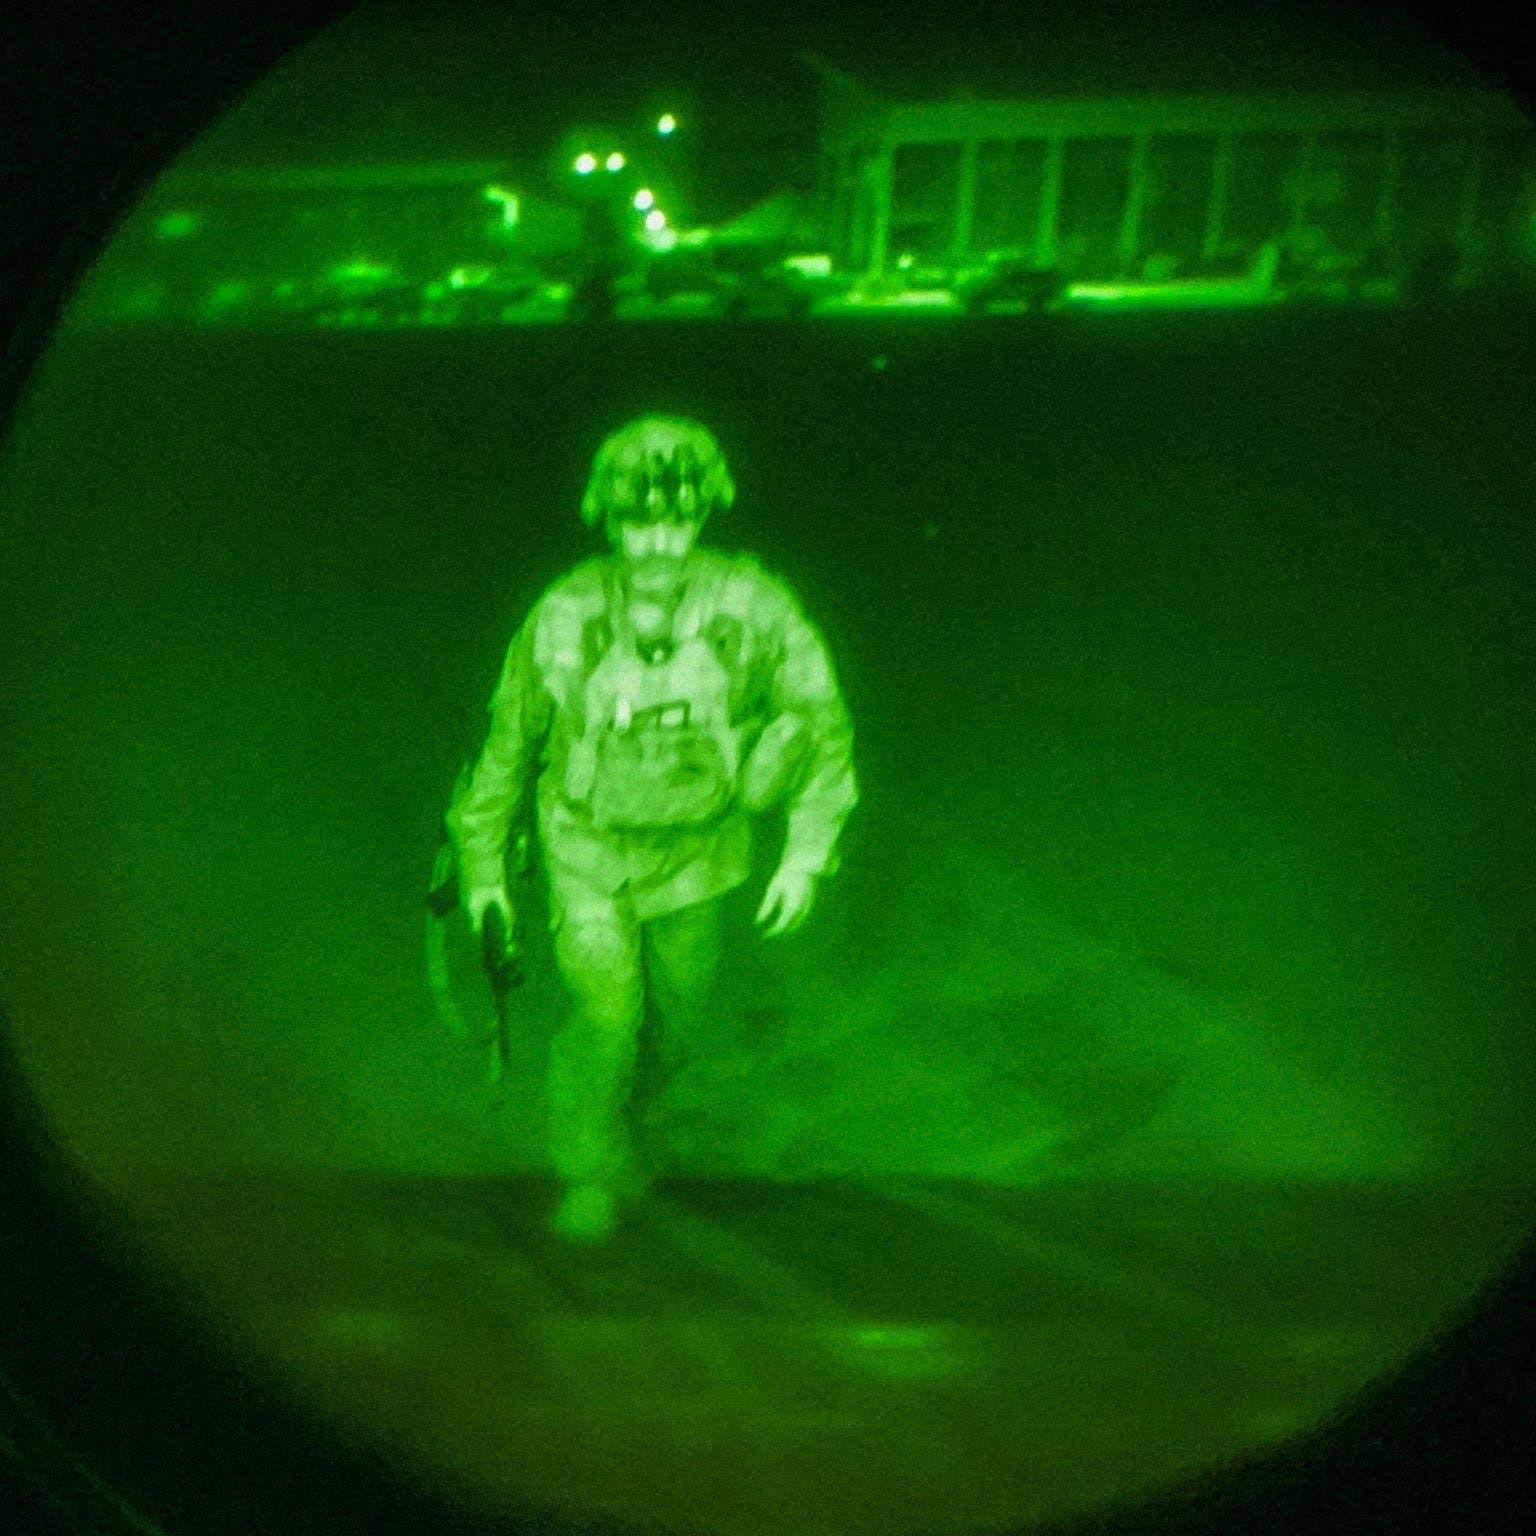 صورة لآخر جندي أميركي يغادر أفغانستان